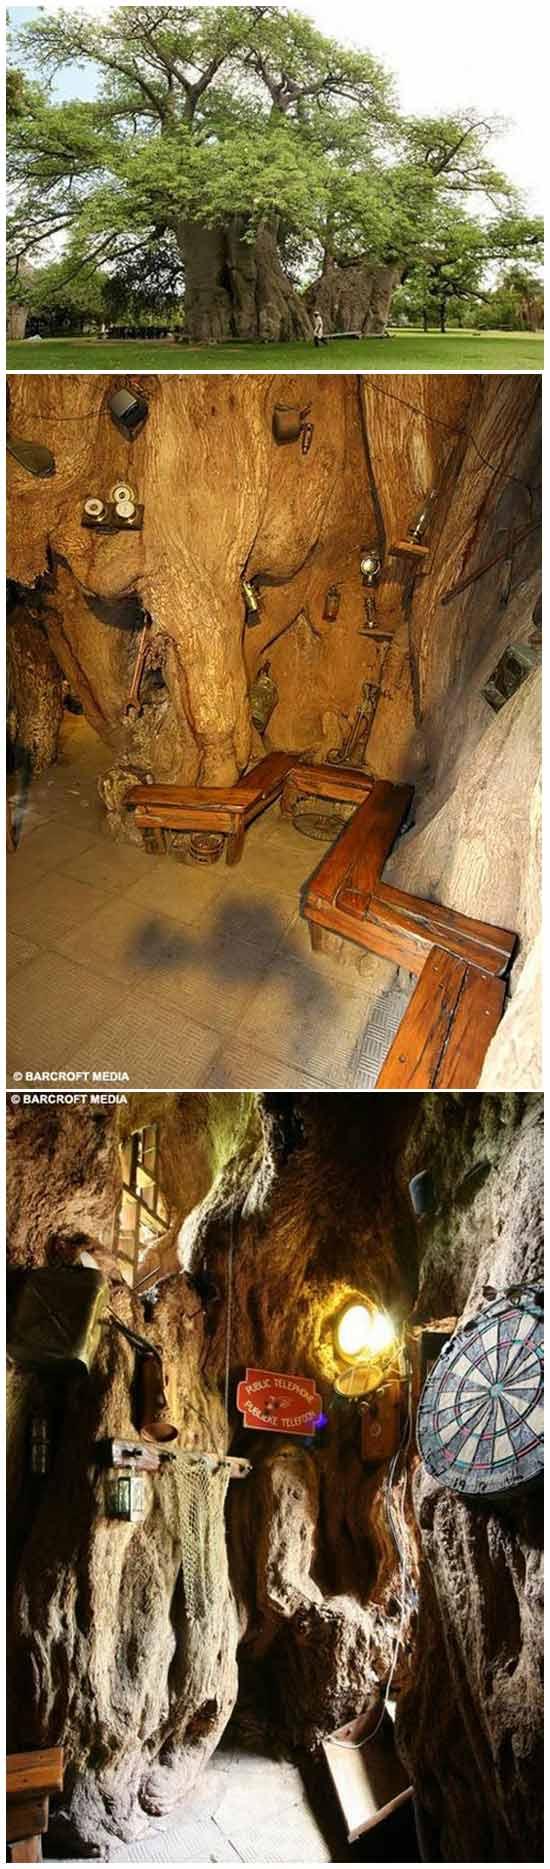 Необычные рестораны: Бар в дупле дерева